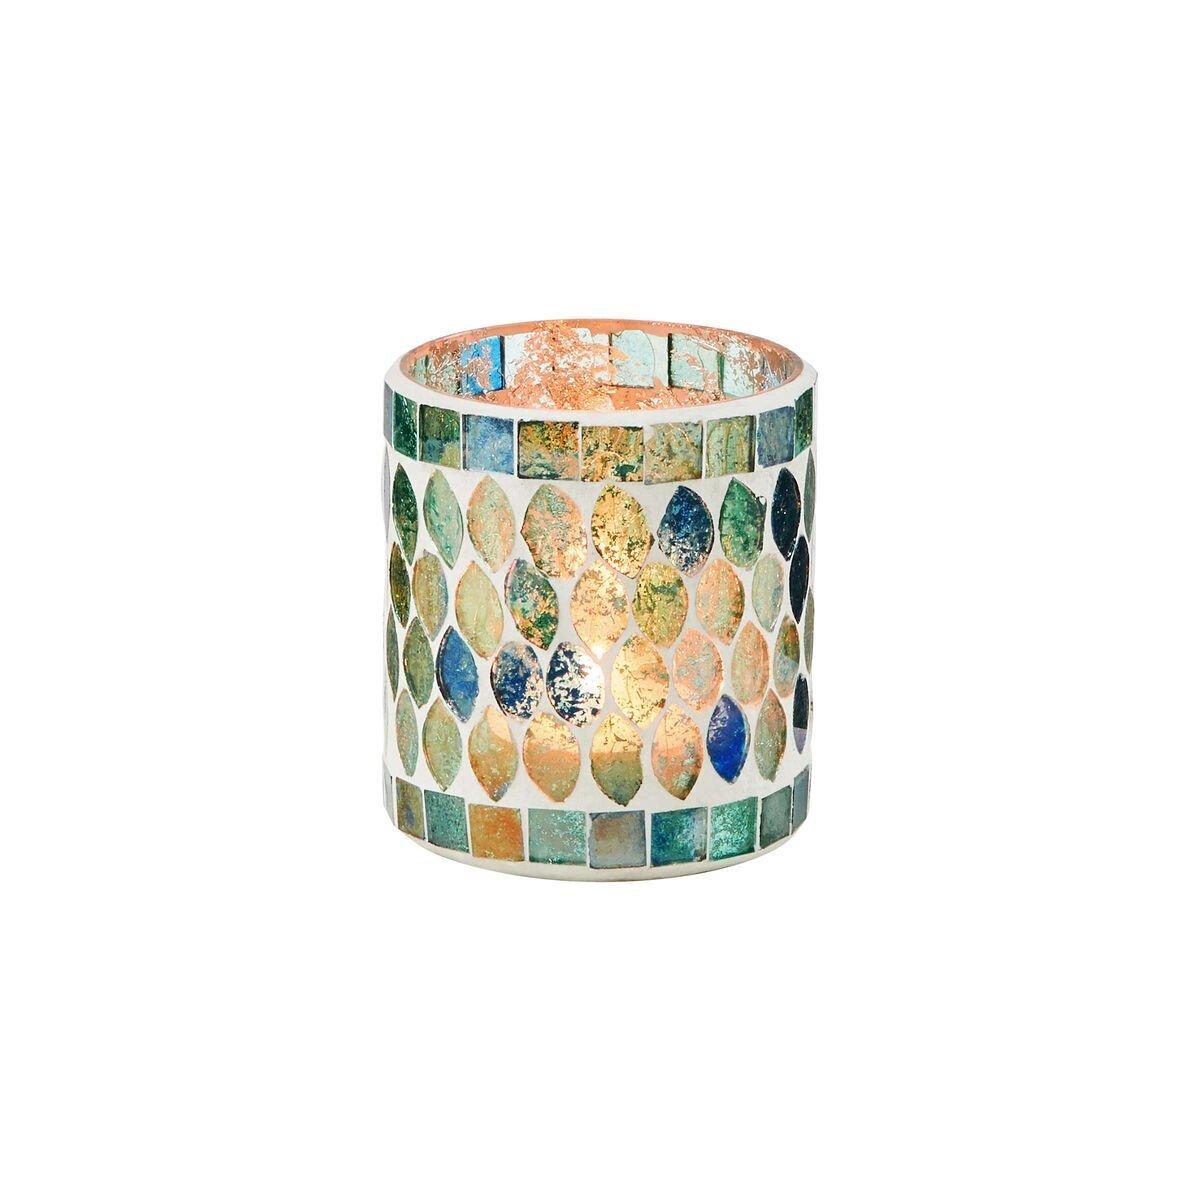 Bild 3 von SASSOLINO Mosaik Windlicht 8 cm